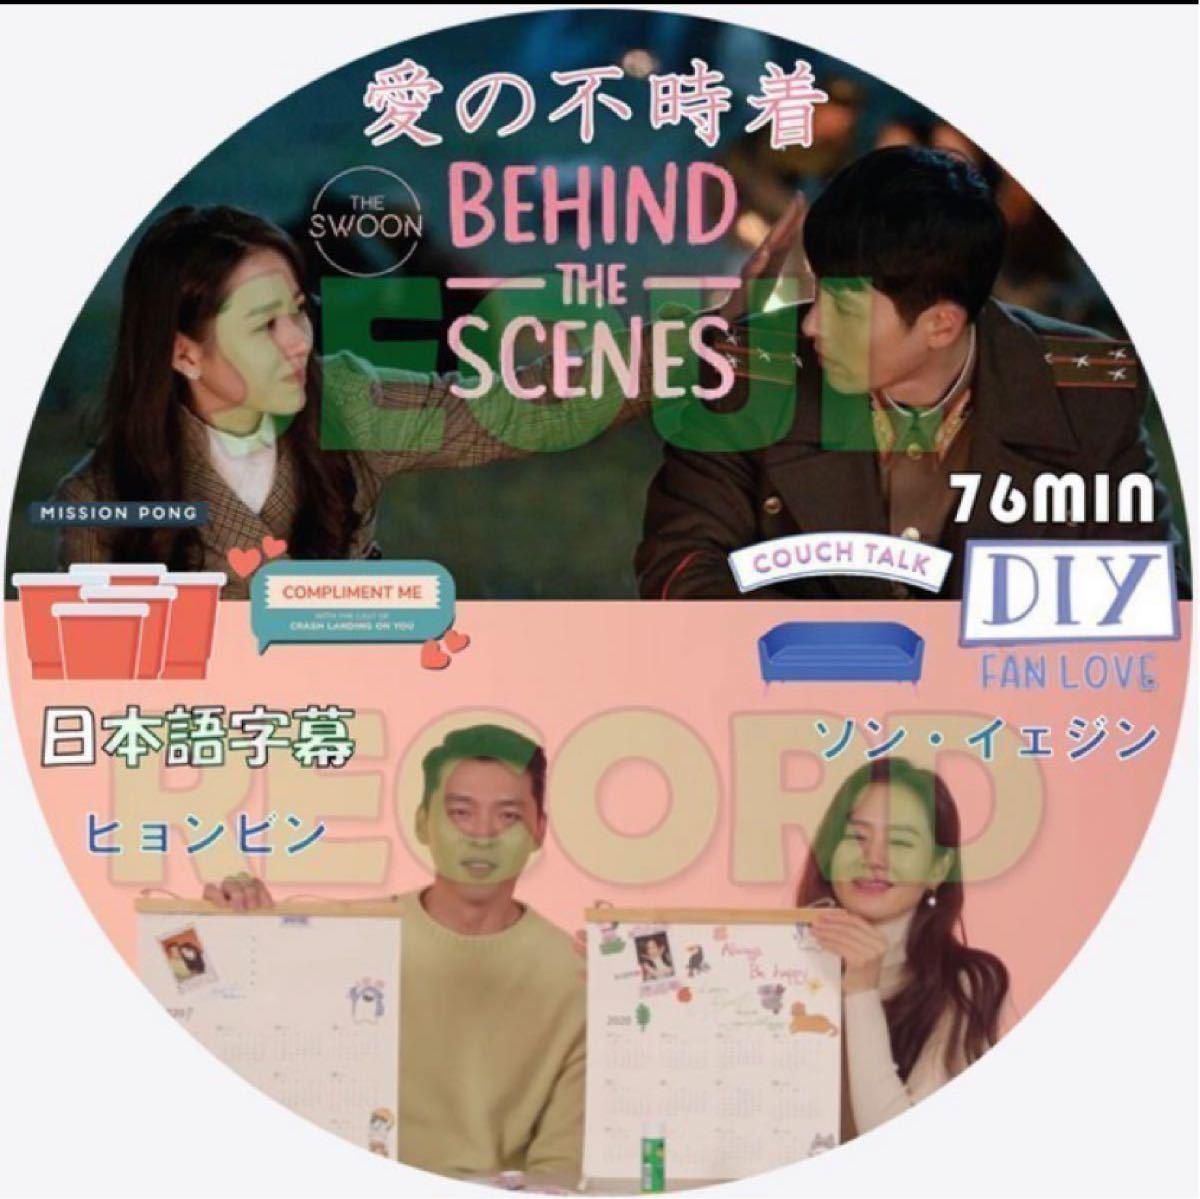 ヒョンビン+ソン・イェジン「愛の不時着ビハインド」日本語字幕付きレーベル印刷付DVD